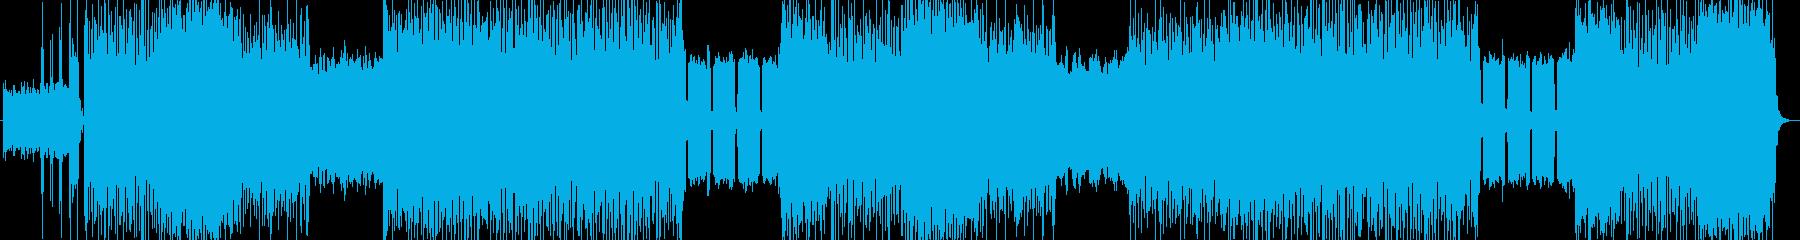 不気味、ハードロック系の曲 BGM228の再生済みの波形